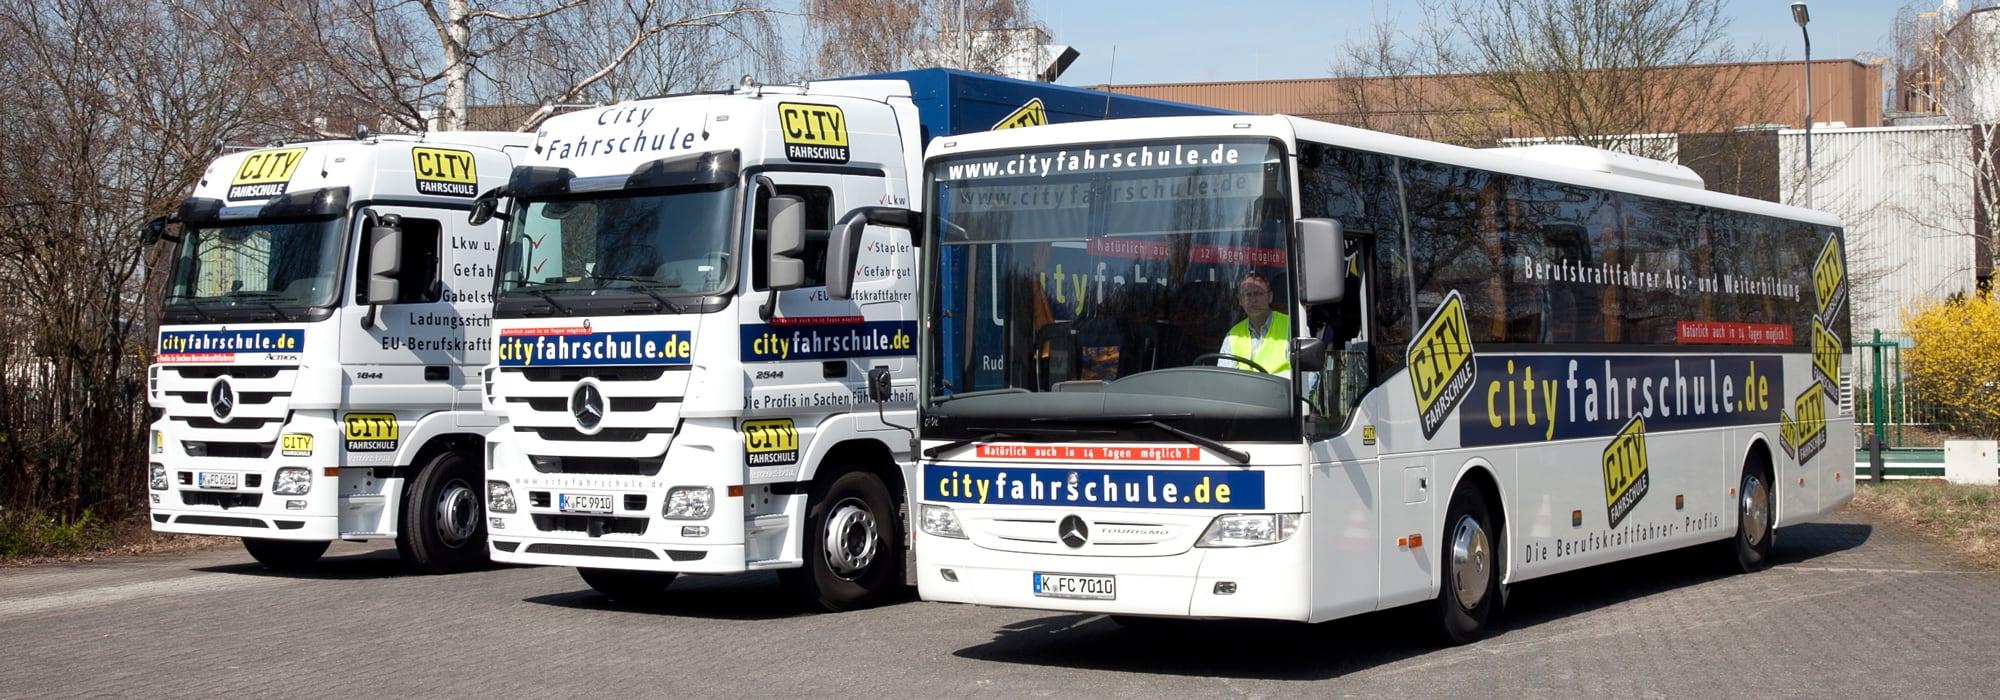 LKW Bus